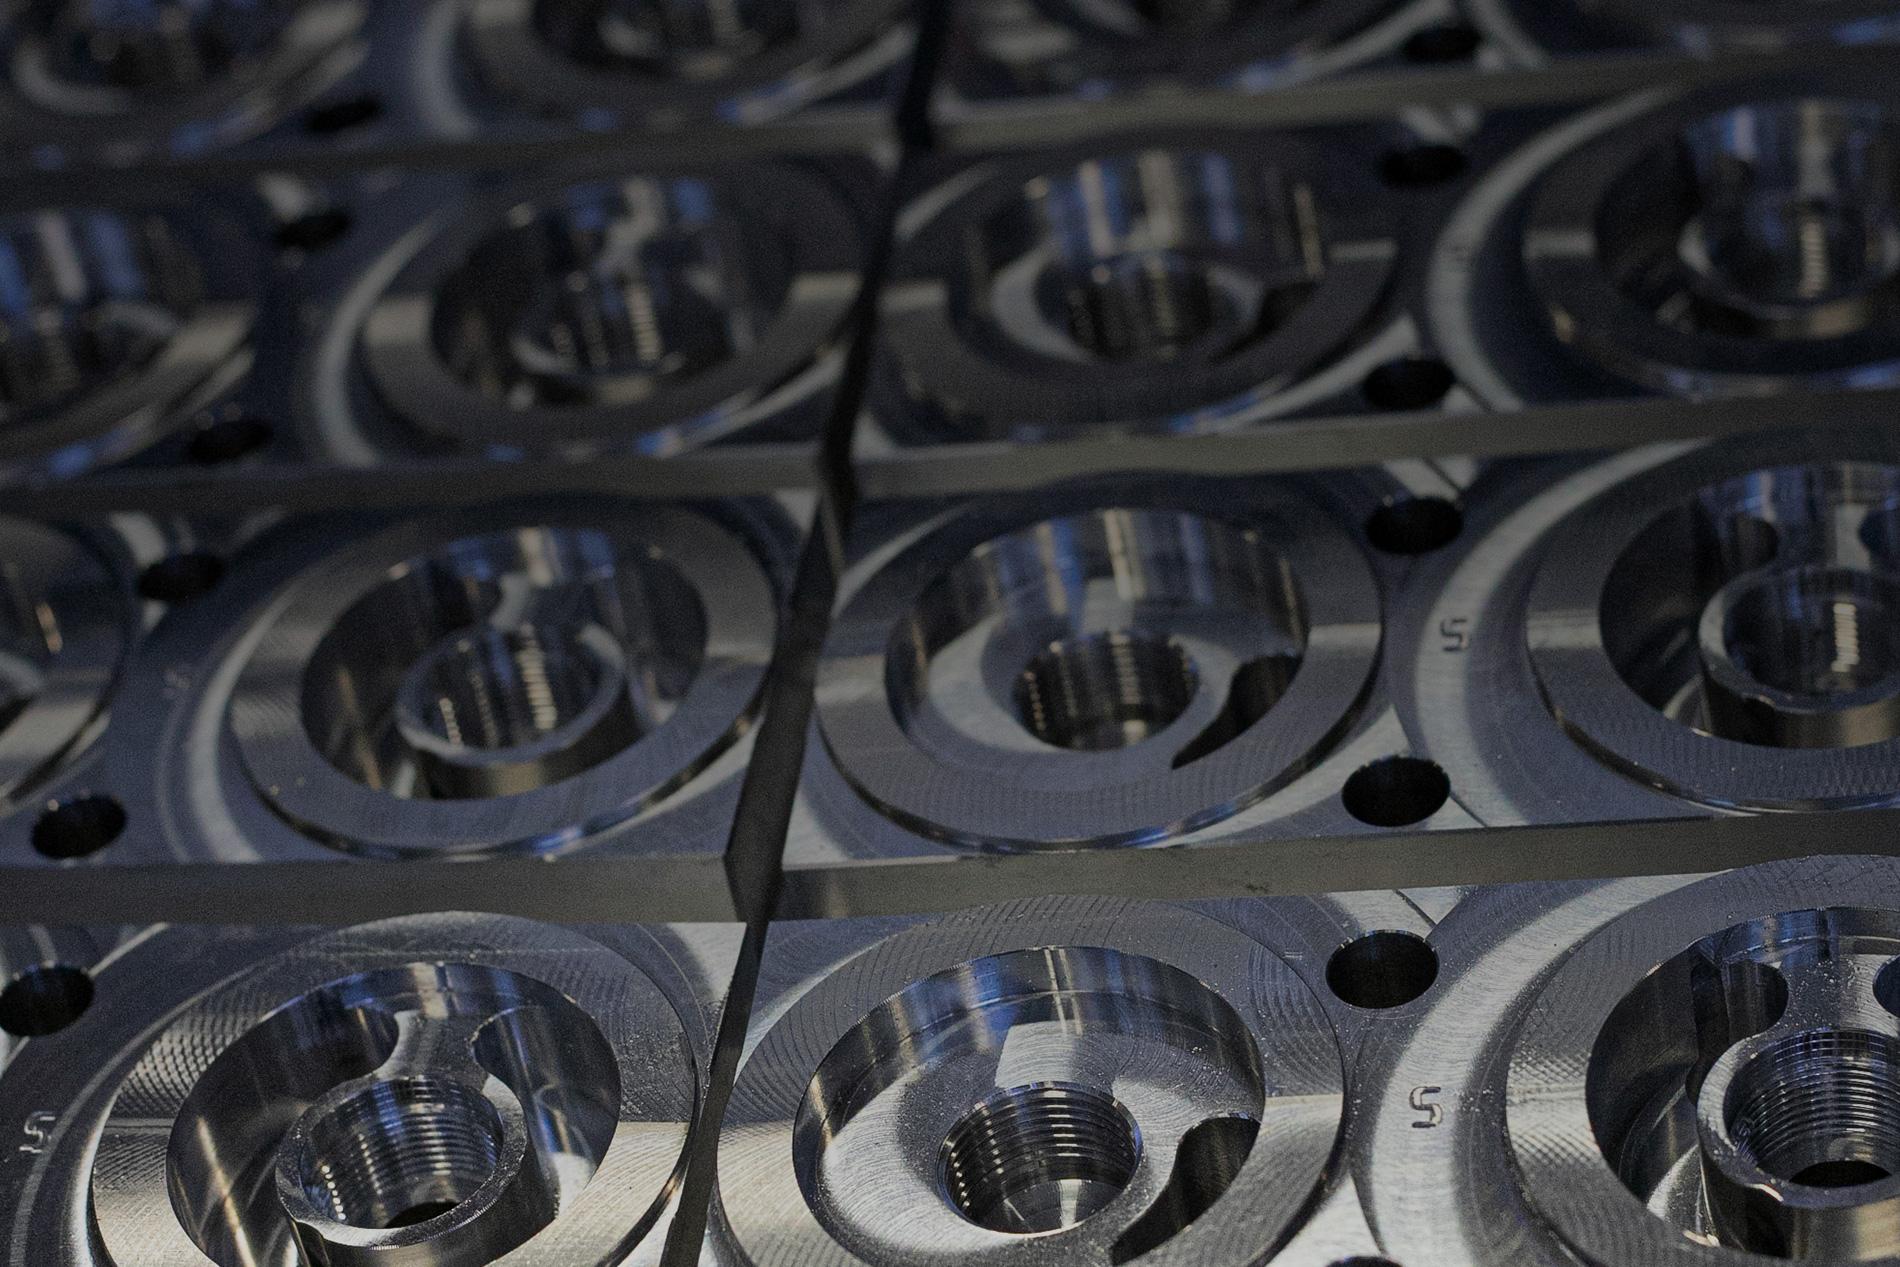 realizzazione componenti meccanici Scagliarini